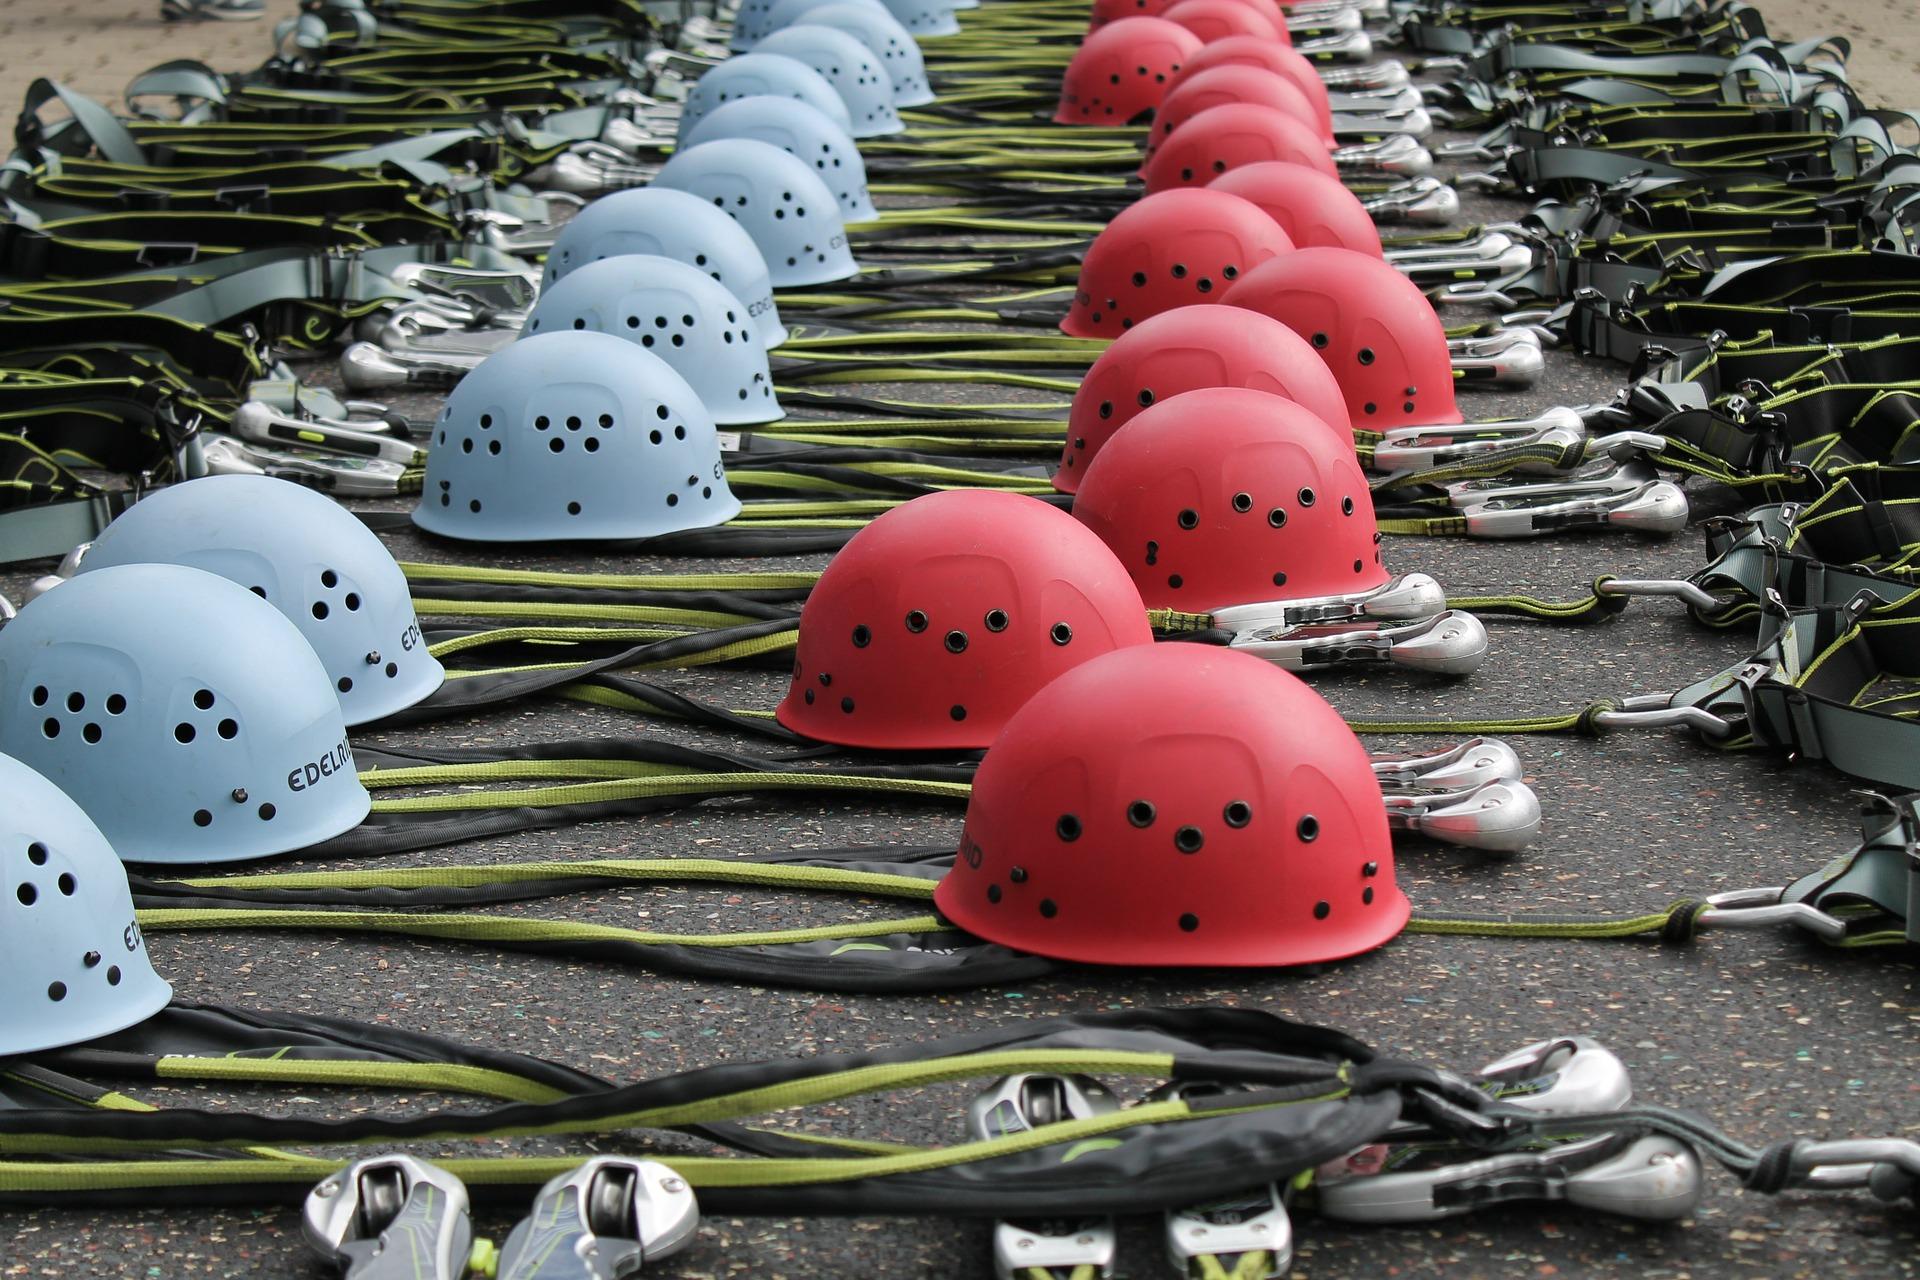 Equipamentos de segurança para funcionário